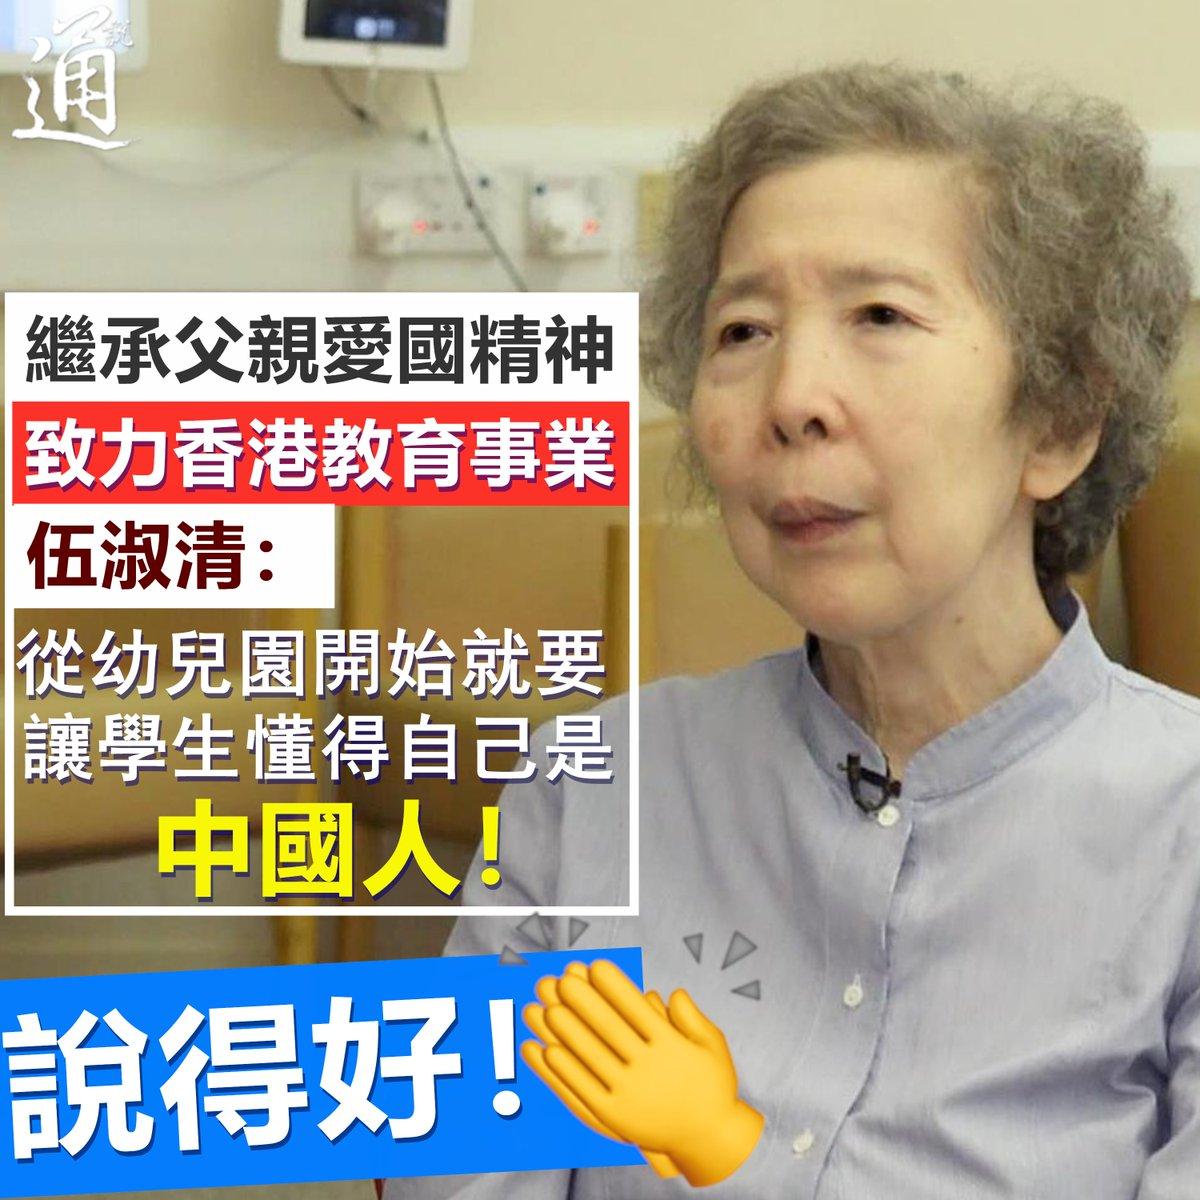 """【伍淑清:從幼兒園開始就要讓學生懂得自己是中國人!】 自香港暴發""""修例風波""""以來,不少學生因違法被捕,香港教育制度出現大問題。美心集團創辦人伍沾德長女伍淑清日前接受媒體訪問時直言,她在教育中有意識地培養學生的愛國情懷,""""從幼兒園開始就要讓學生懂得自己是中國人""""。 https://t.co/9MohtFoaSv"""